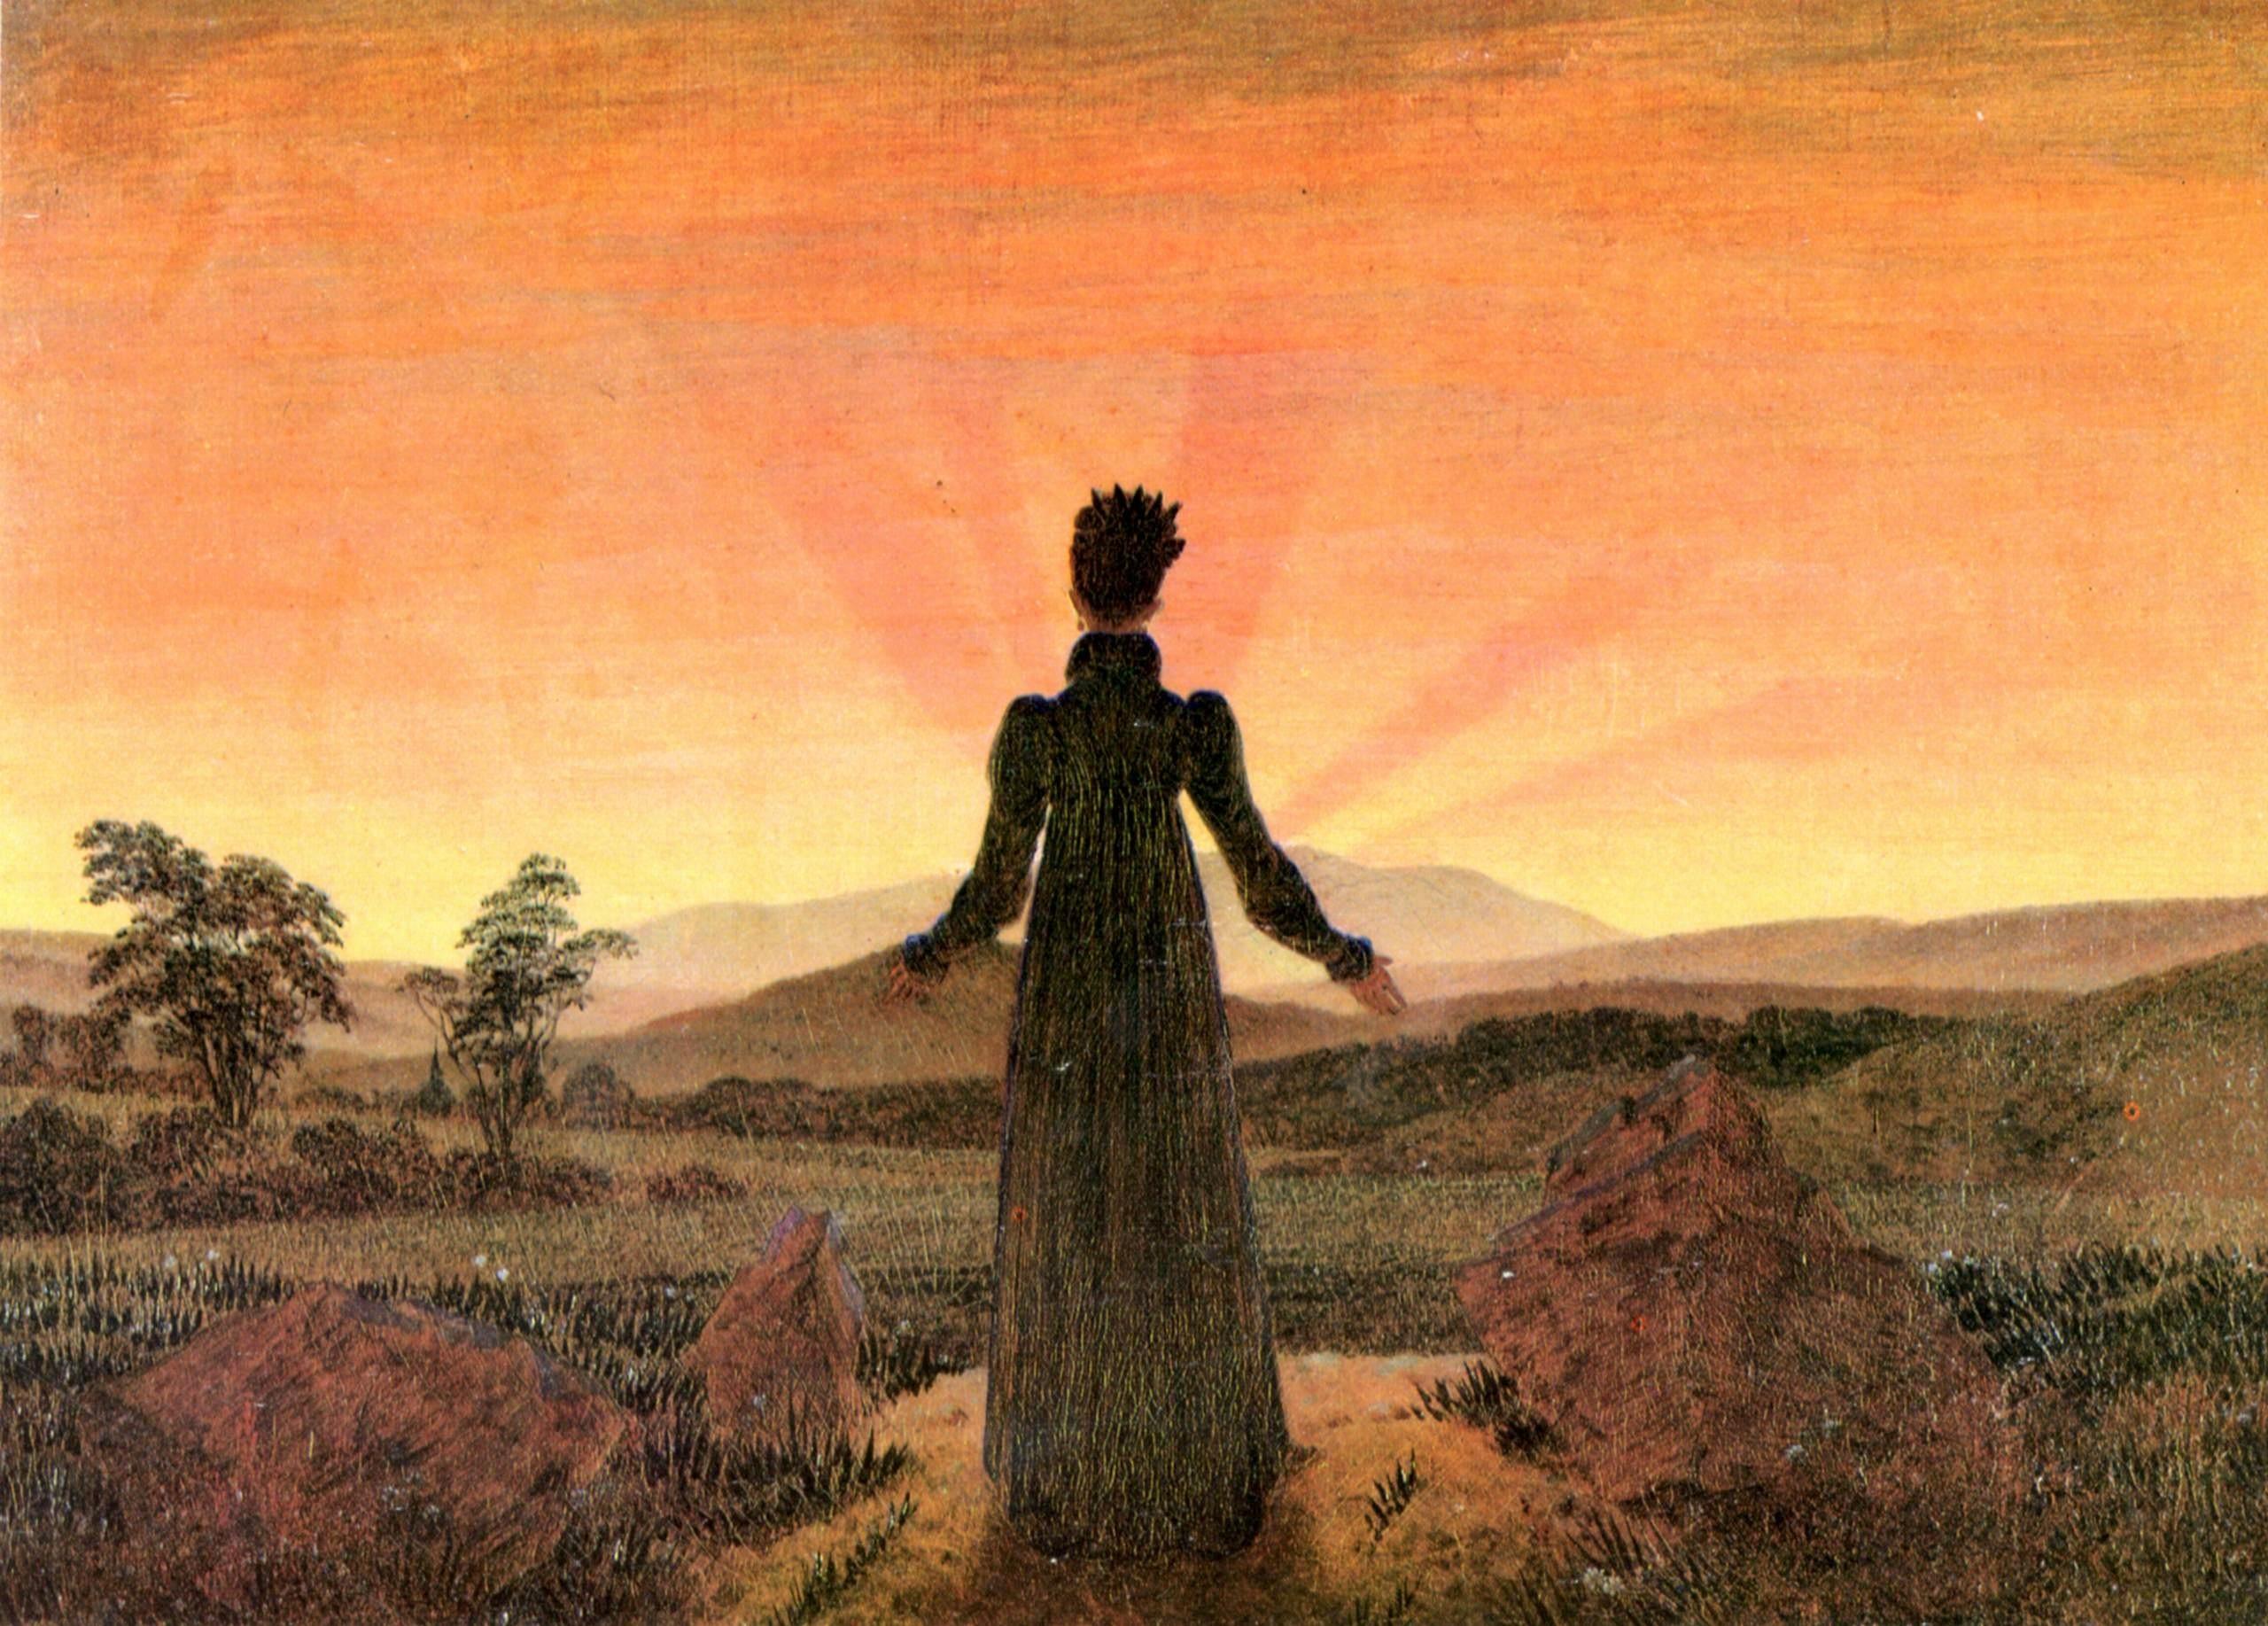 Oeuvre Romantique la peinture romantique de caspar david friedrich dans trois